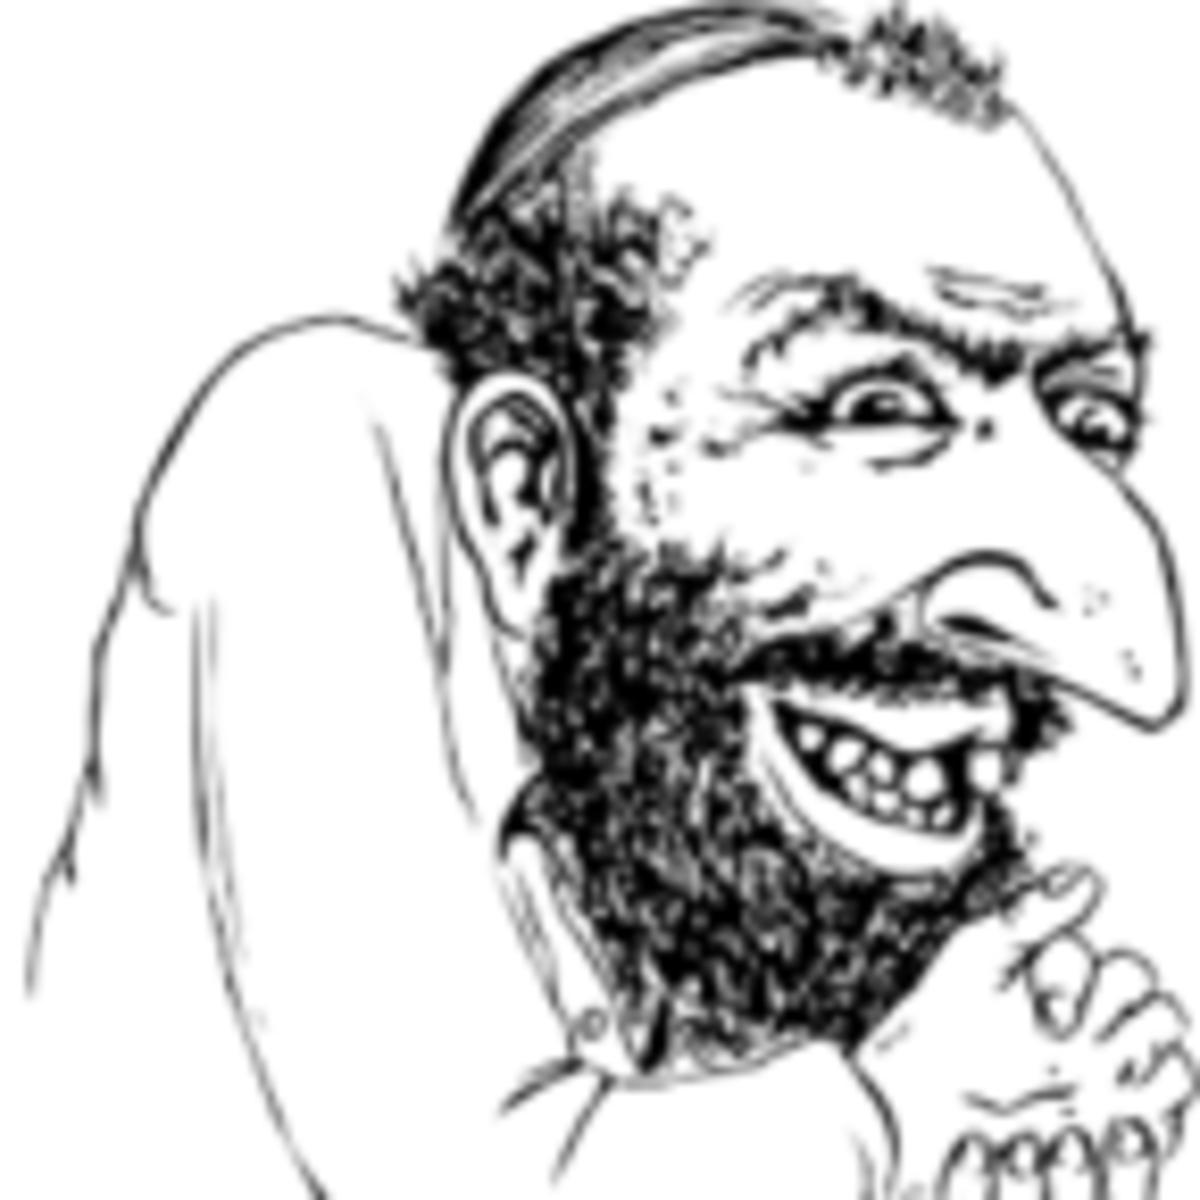 Jew_1_0_0.png